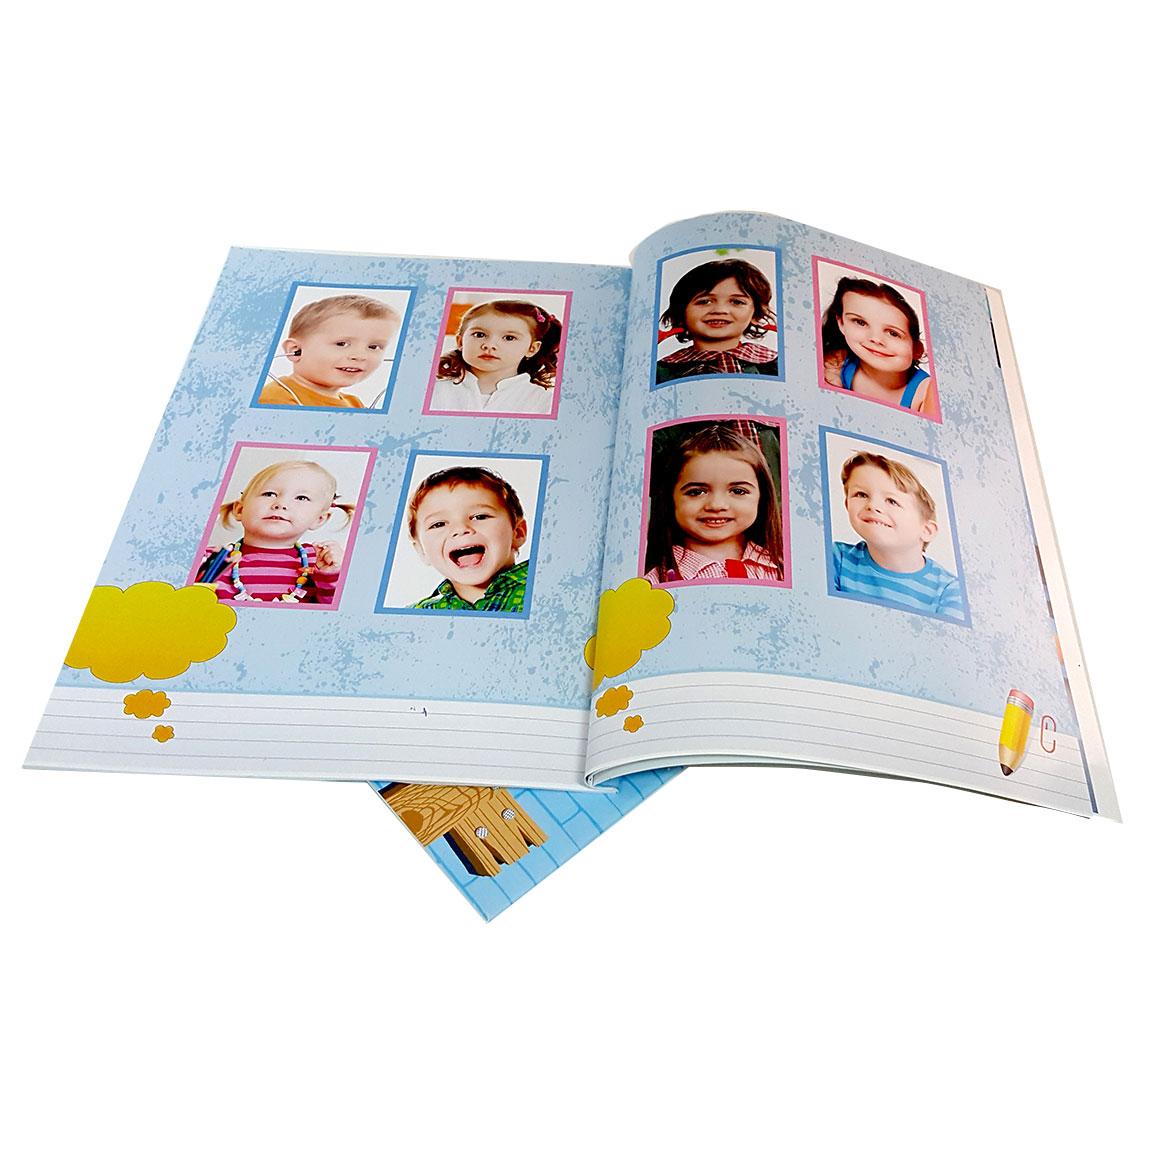 מסכמים שנה נהדרת בגן! אלבום סוף שנה A-4 אנכי בכריכה רכה 24 עמודים - תמונה 3